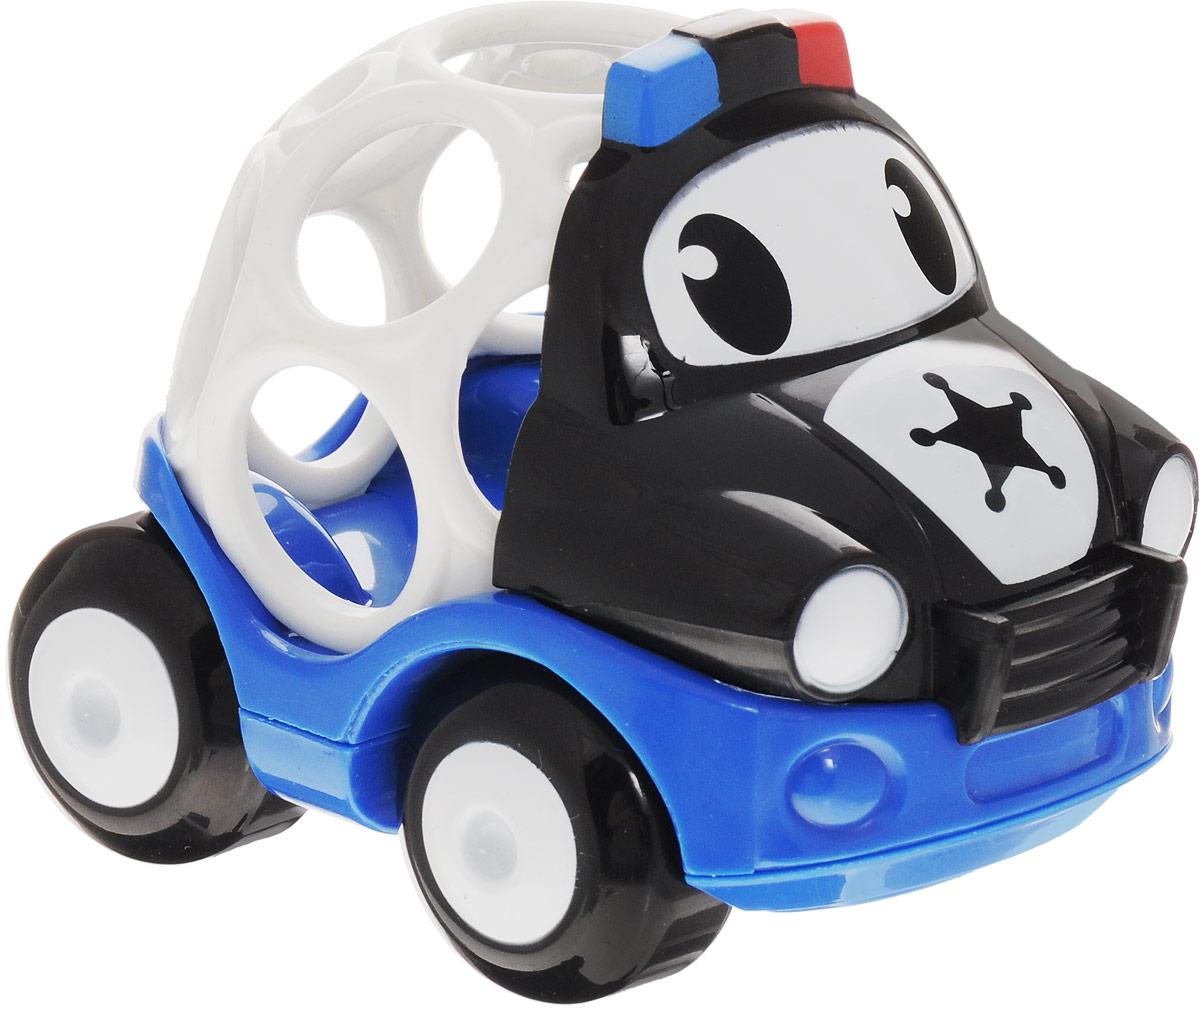 Oball Машинка Полиция10311-5Машинка Oball Полиция из серии Только вперед! представлена в виде развивающей игрушки для малышей. Кузов машинки выполнен в форме шара с большими отверстиями, которые ребенку будет интересно исследовать любопытными пальчиками. У машинки с забавными глазками подвижные большие колеса, поэтому малыш с легкостью будет катать игрушку по любым гладким поверхностям. Полицейская машина изготовлена из прочного пластика ярких расцветок и совместима с другими игрушками серии Только вперед!, которые приобретаются отдельно.